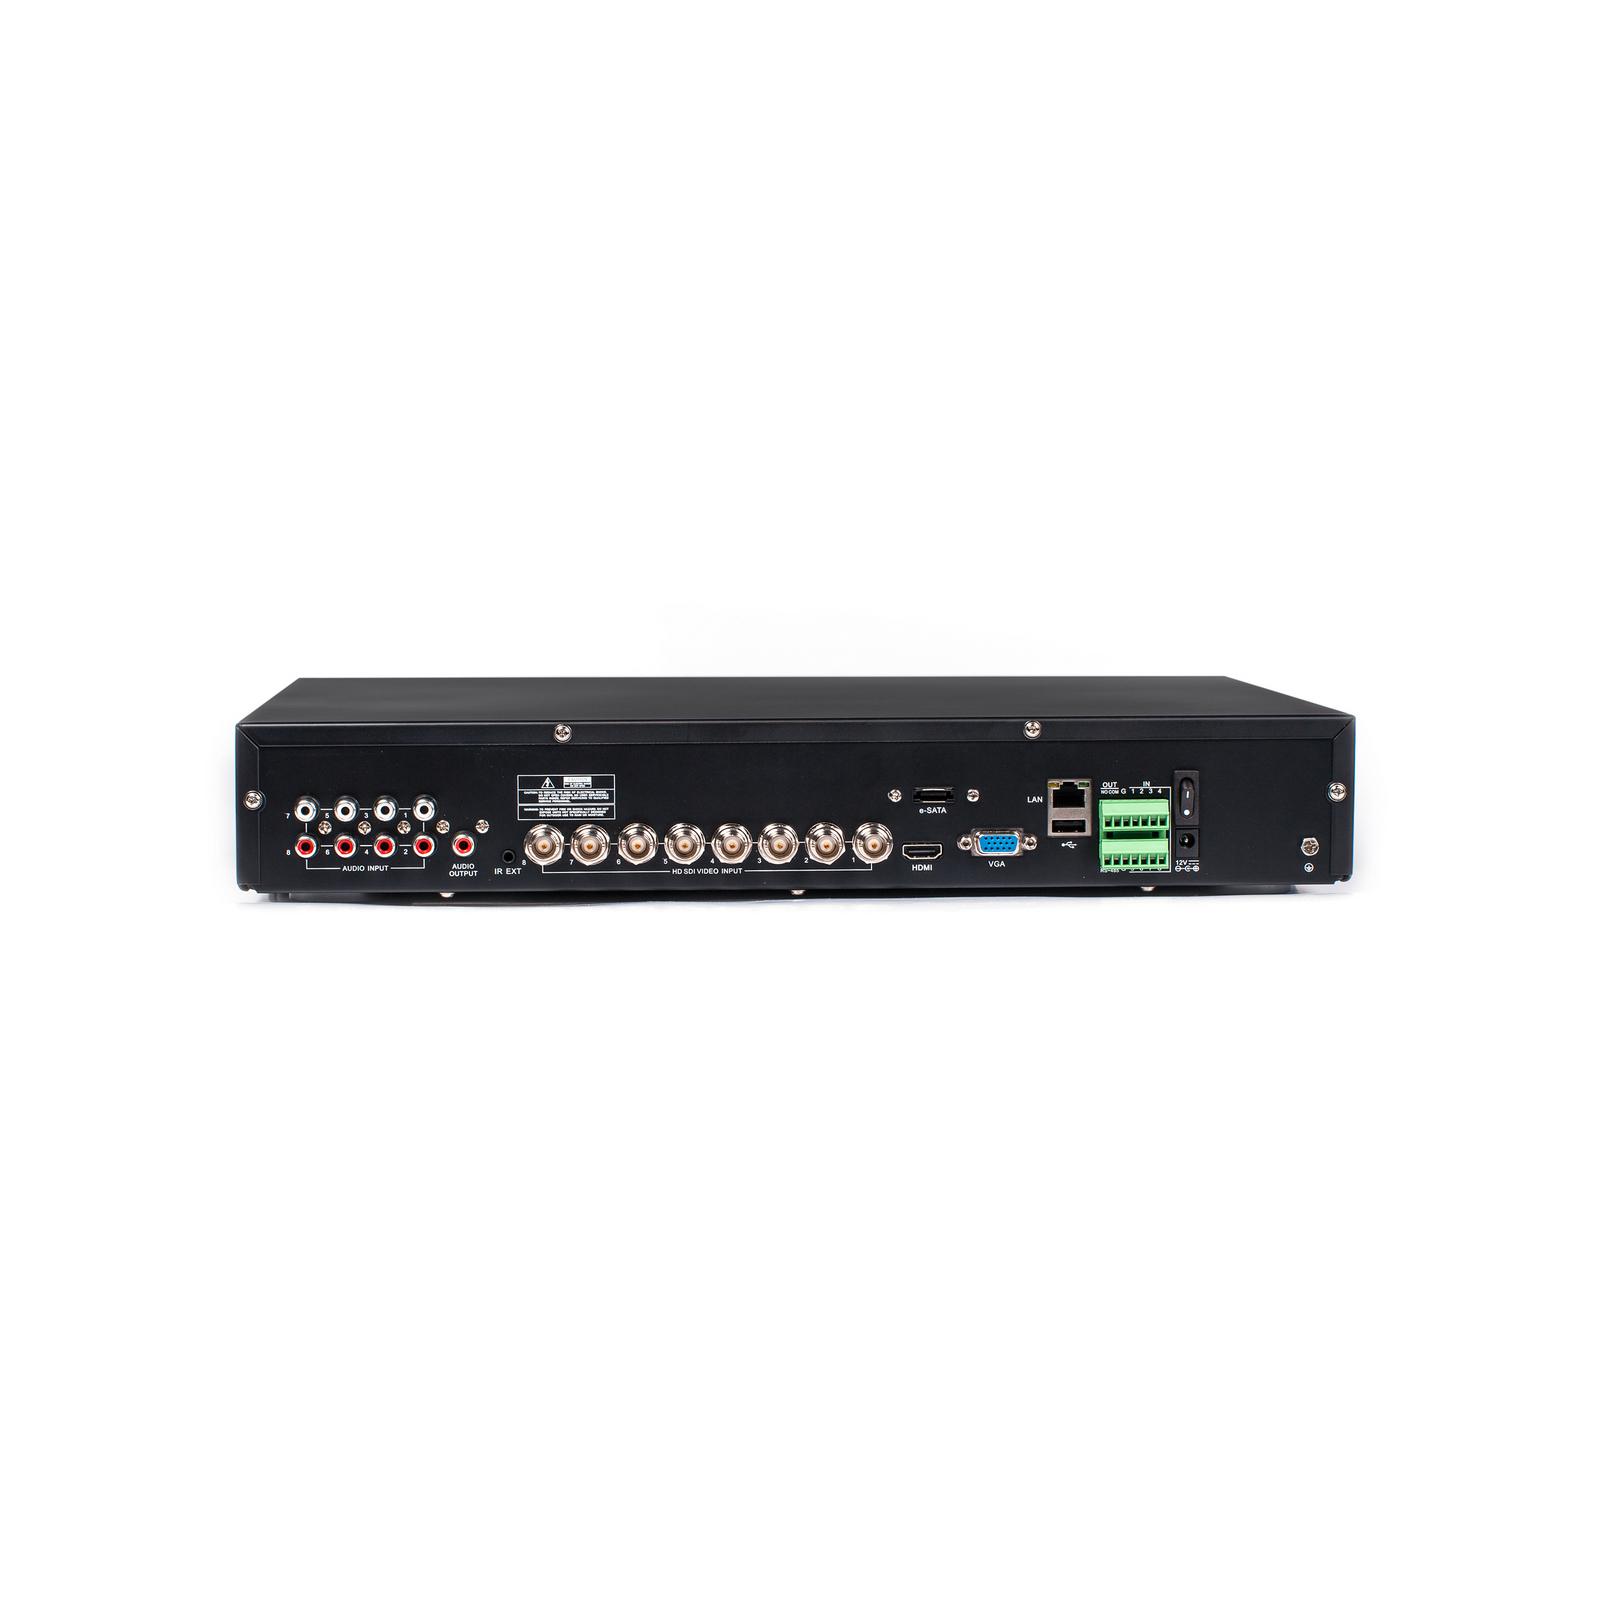 Регистратор для видеонаблюдения RCI RVSDI-4S изображение 2